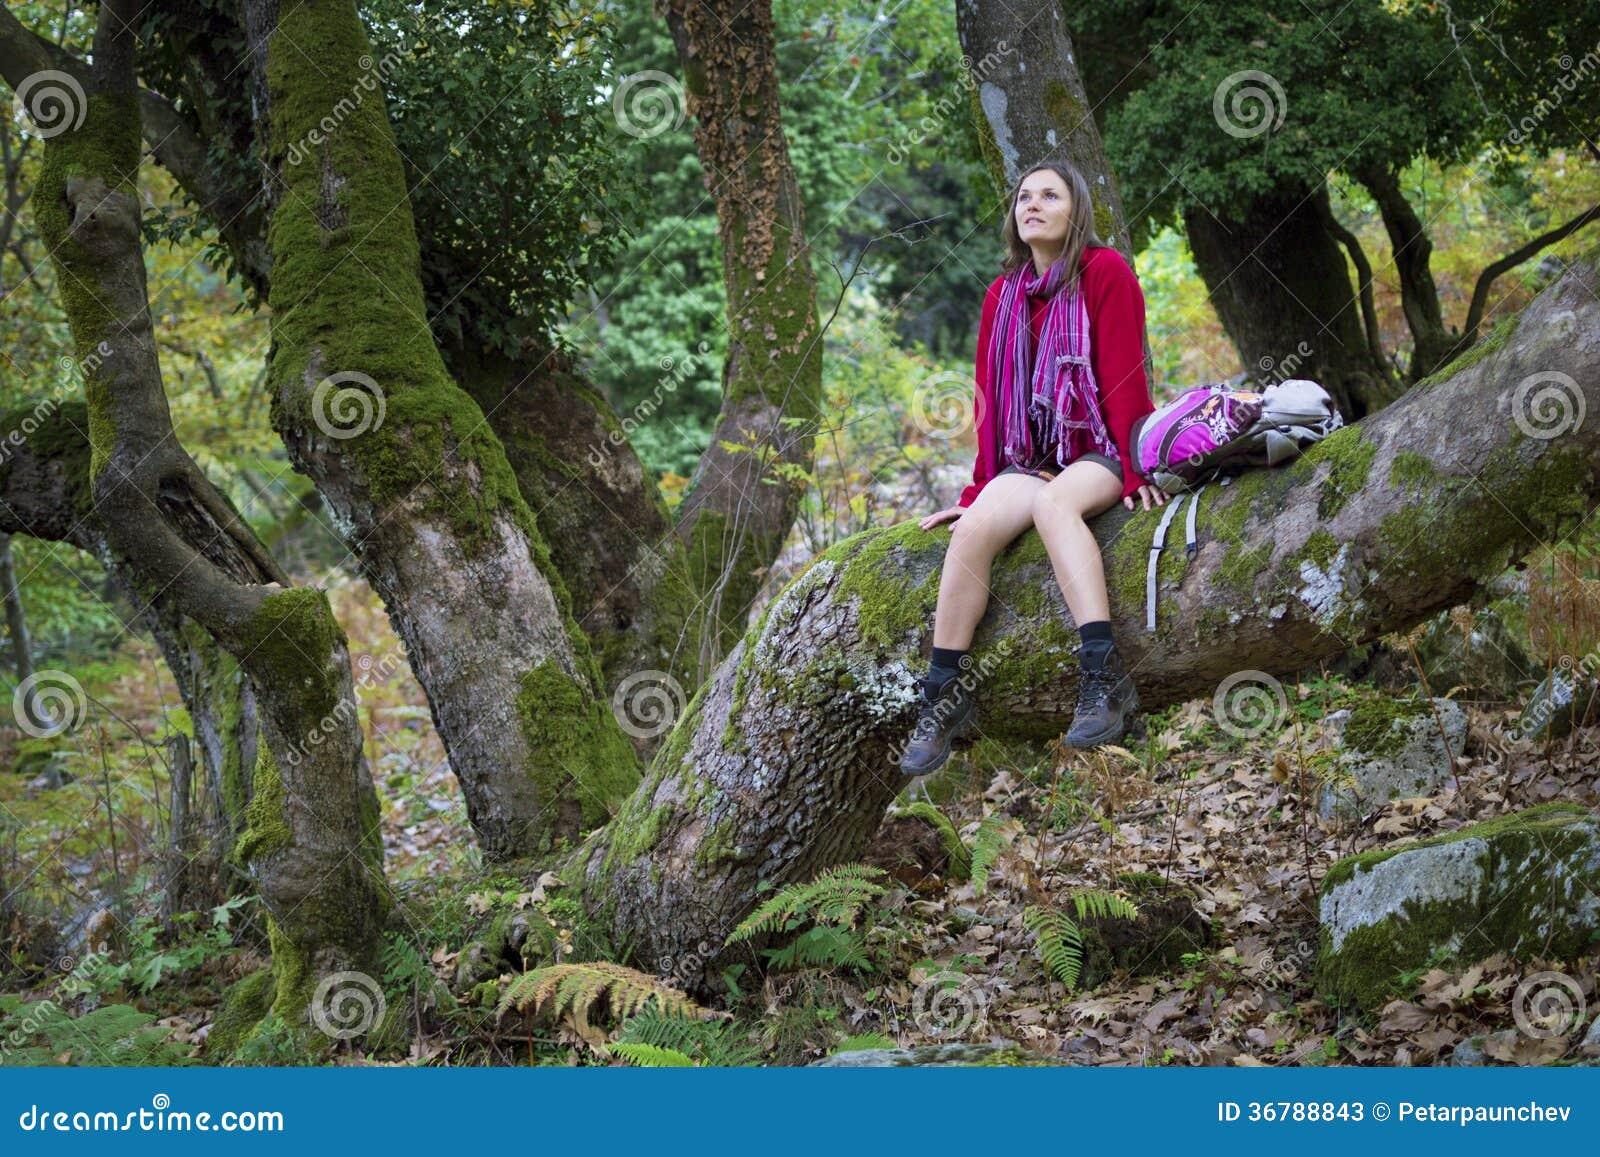 体育装备坐享受一个老自然森林的宁静的在thassos,希腊海岛上的树干.图片